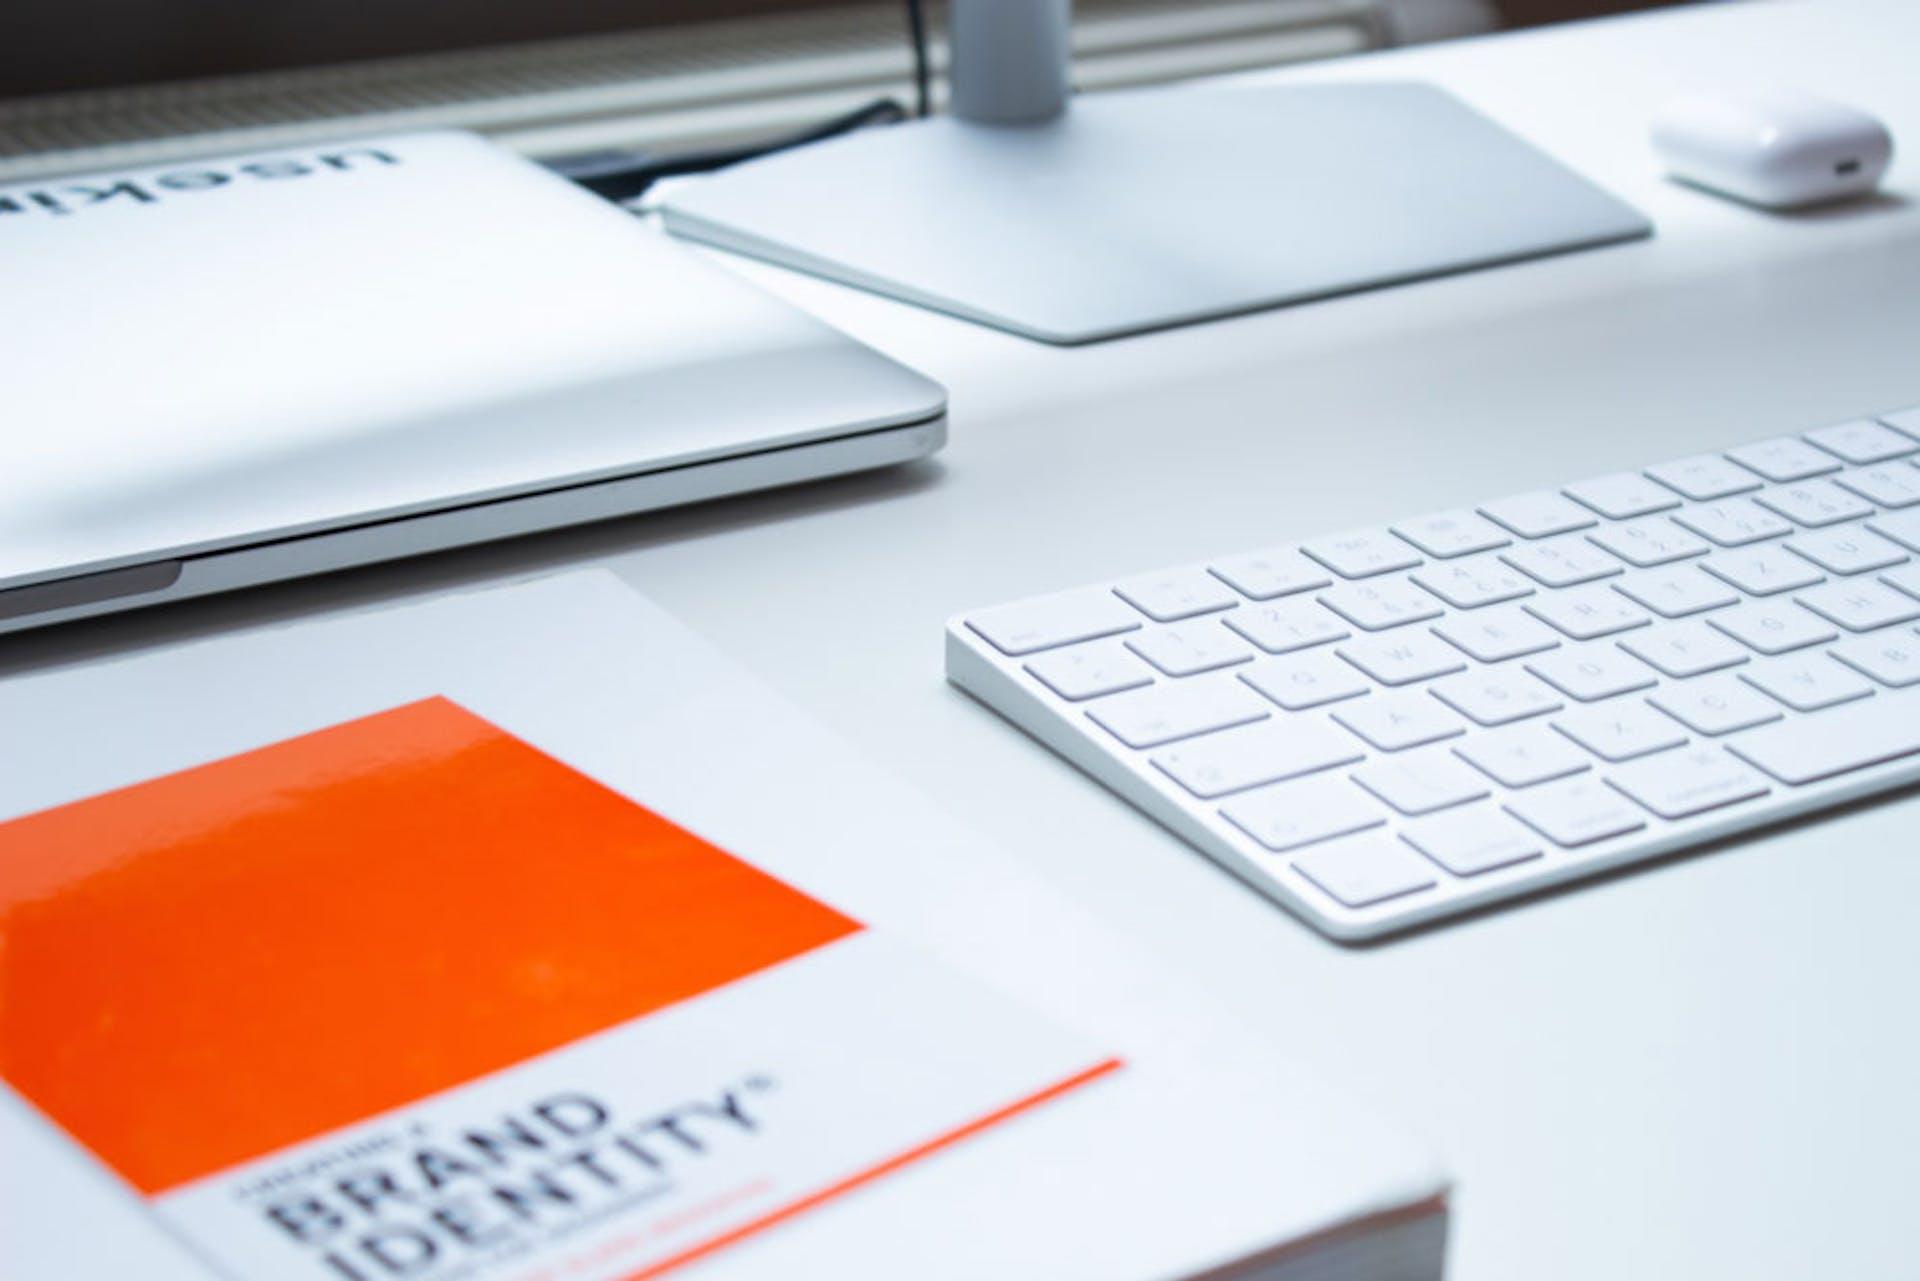 Naming de marca: 10 pasos para crear el naming ideal para tu emprendimiento